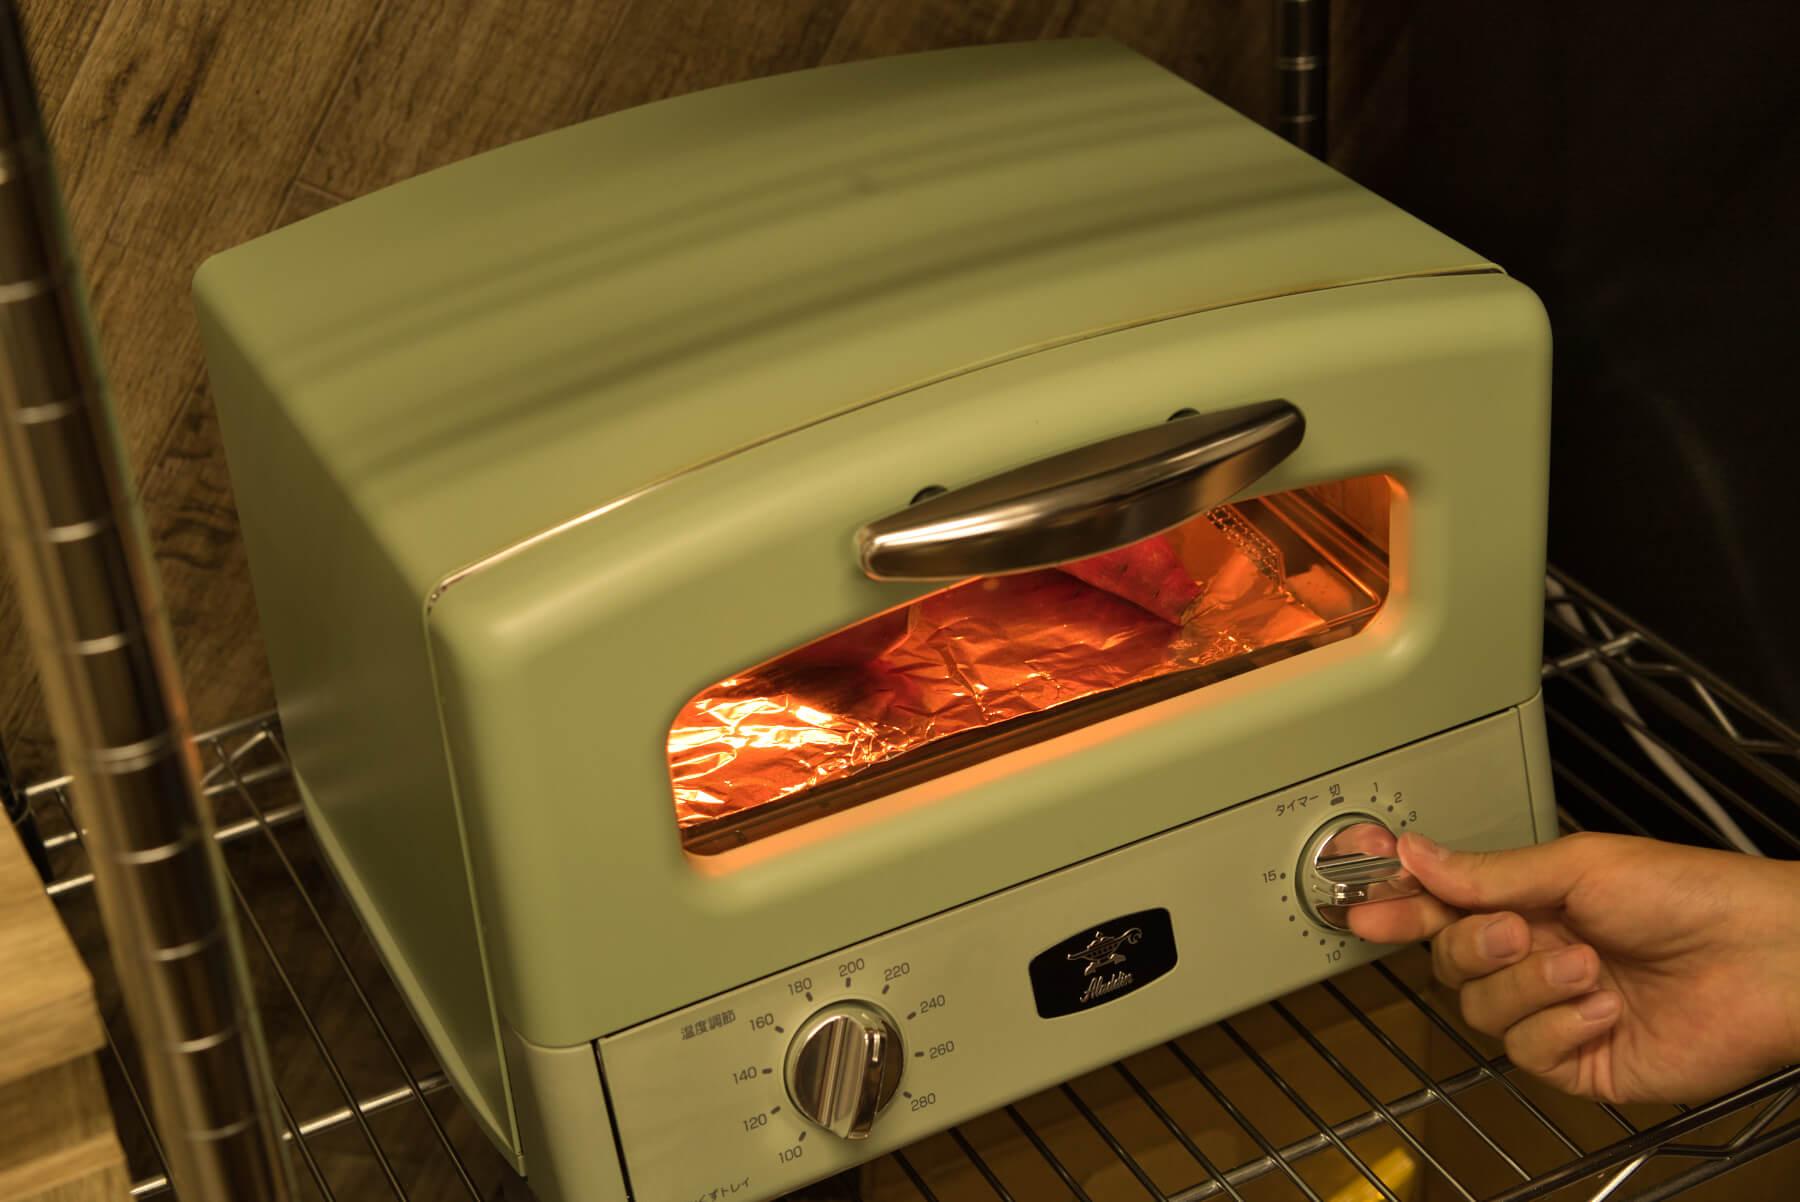 結論…最強の焼き芋トースターはどれだ!? 焼き芋上級者はアレンジのしやすさにも注目